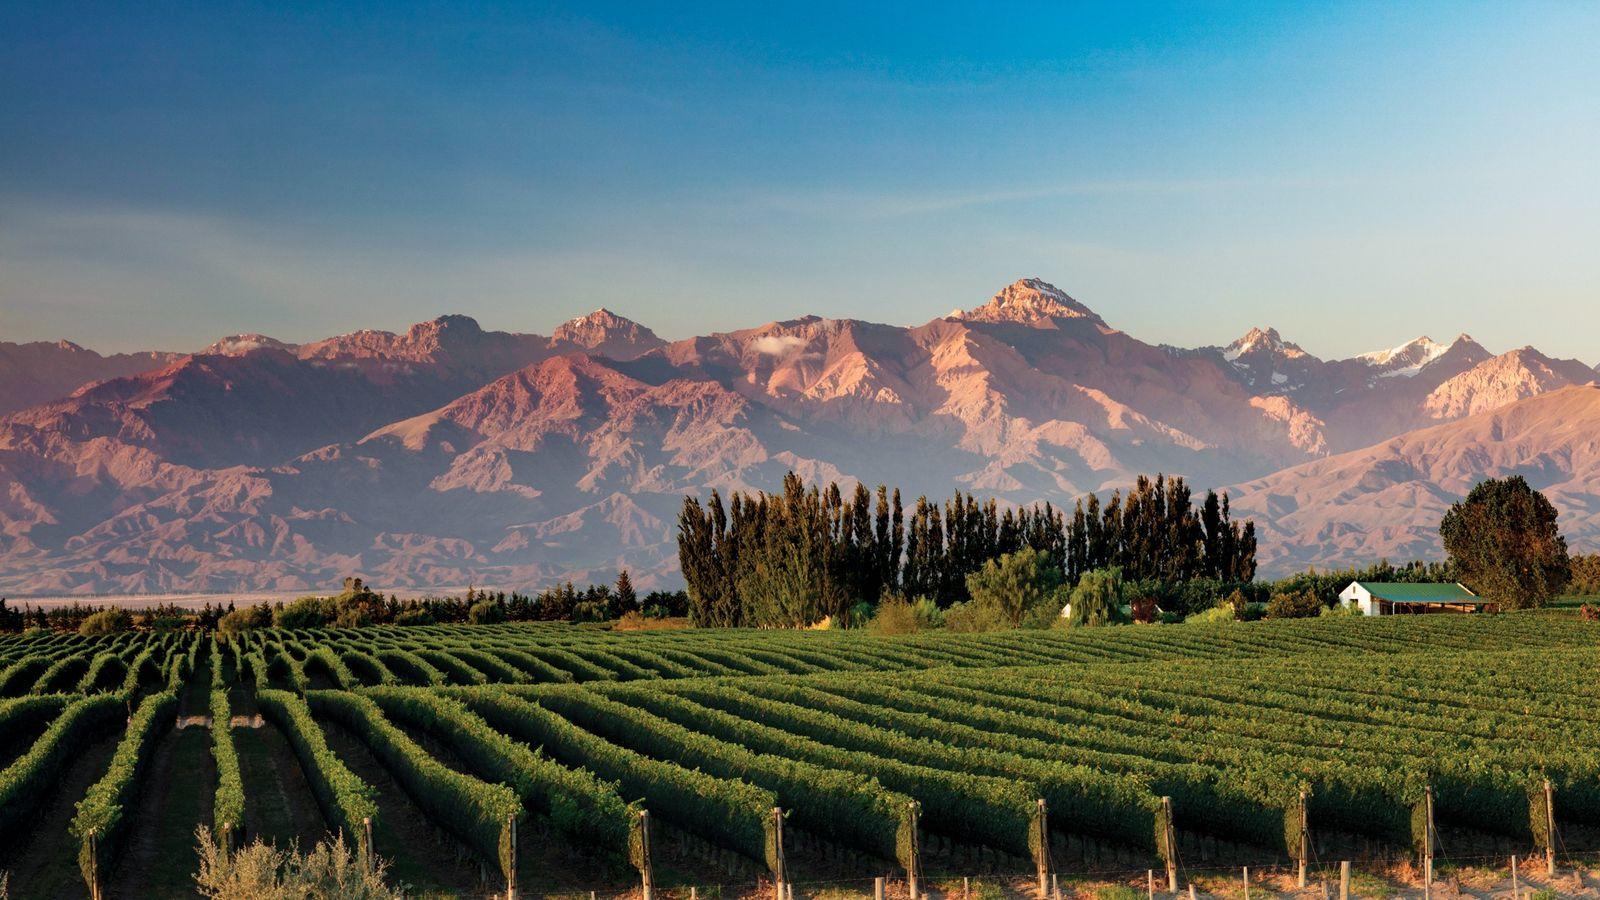 Em Mendoza, os Andes formam o cenário de fundo para as vinhas do Vale do Uco, ...